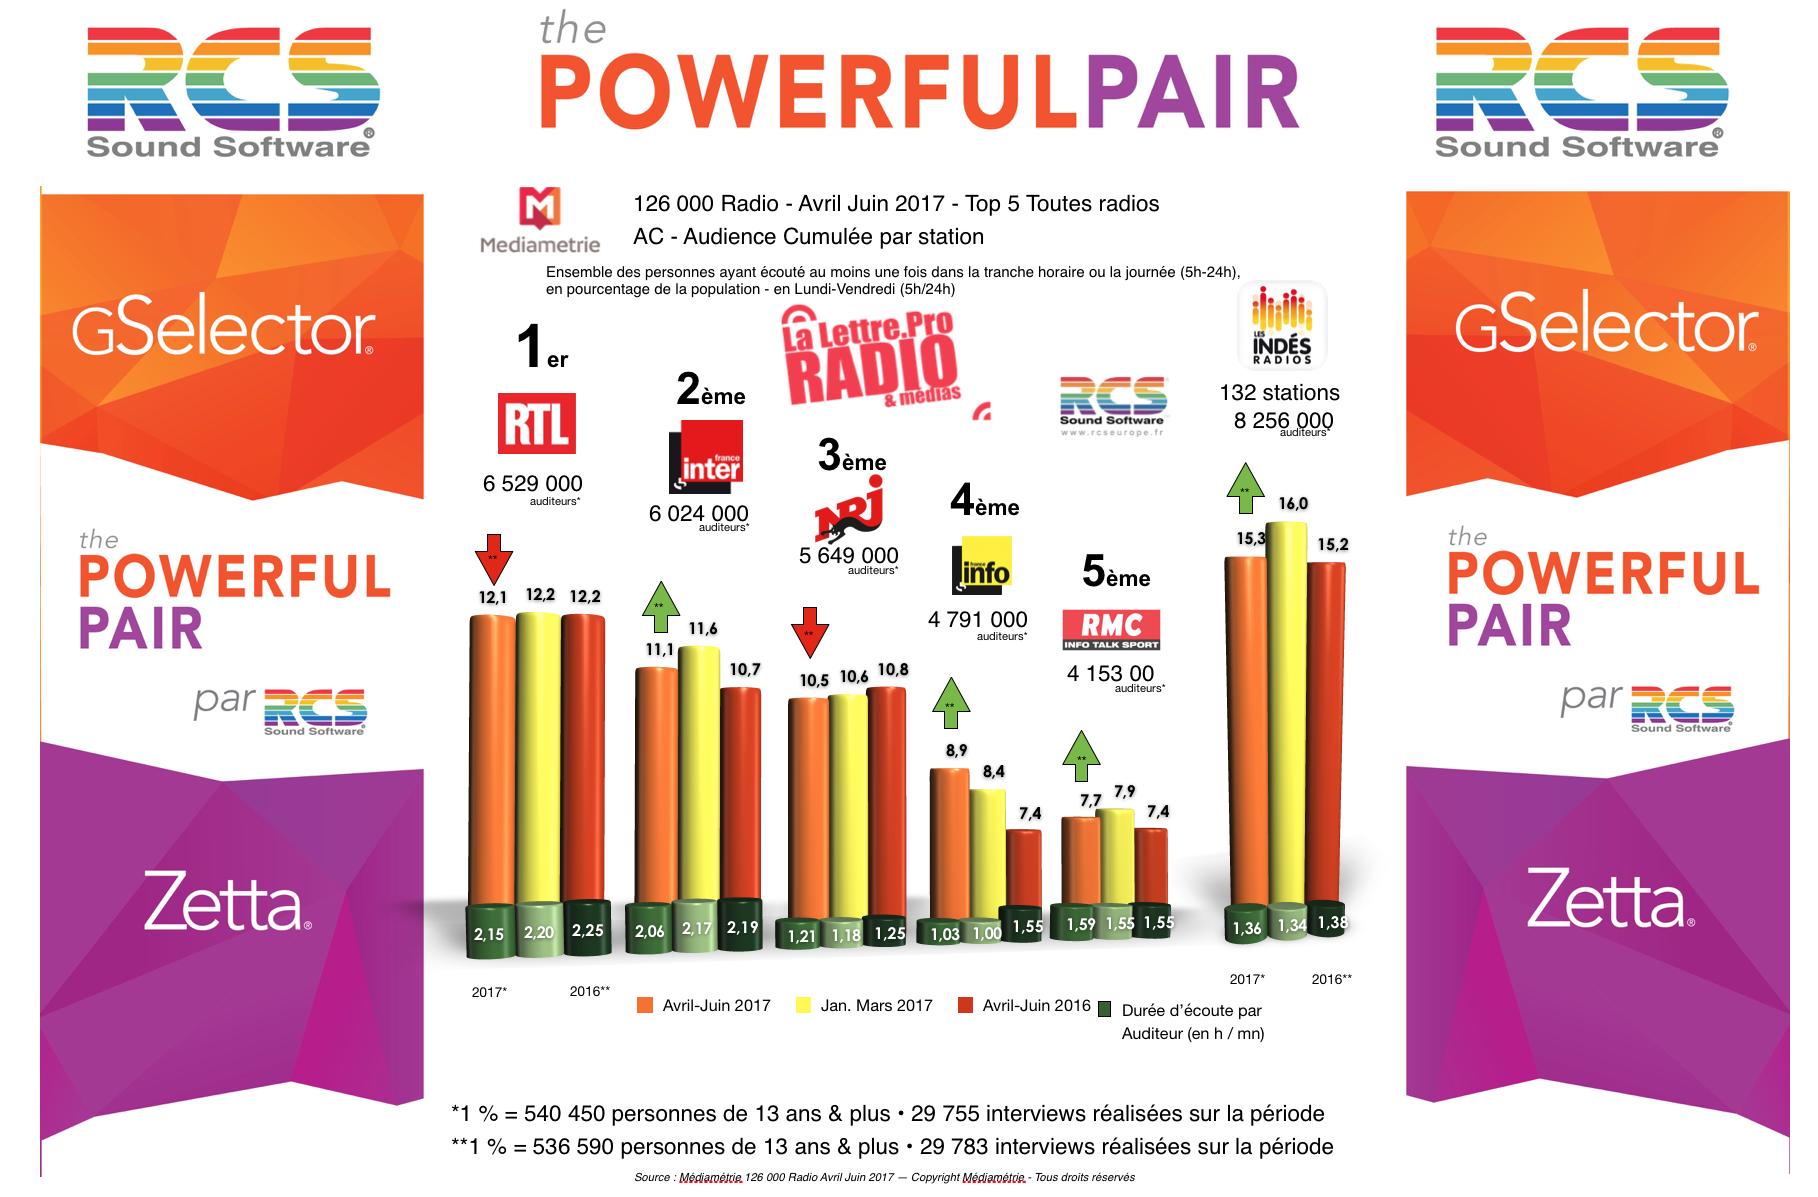 Diagramme exclusif LLP/RCS GSelector Zetta - TOP 5 toutes radios confondues en Lundi-Vendredi - 126 000 Radio Avril Juin 2017